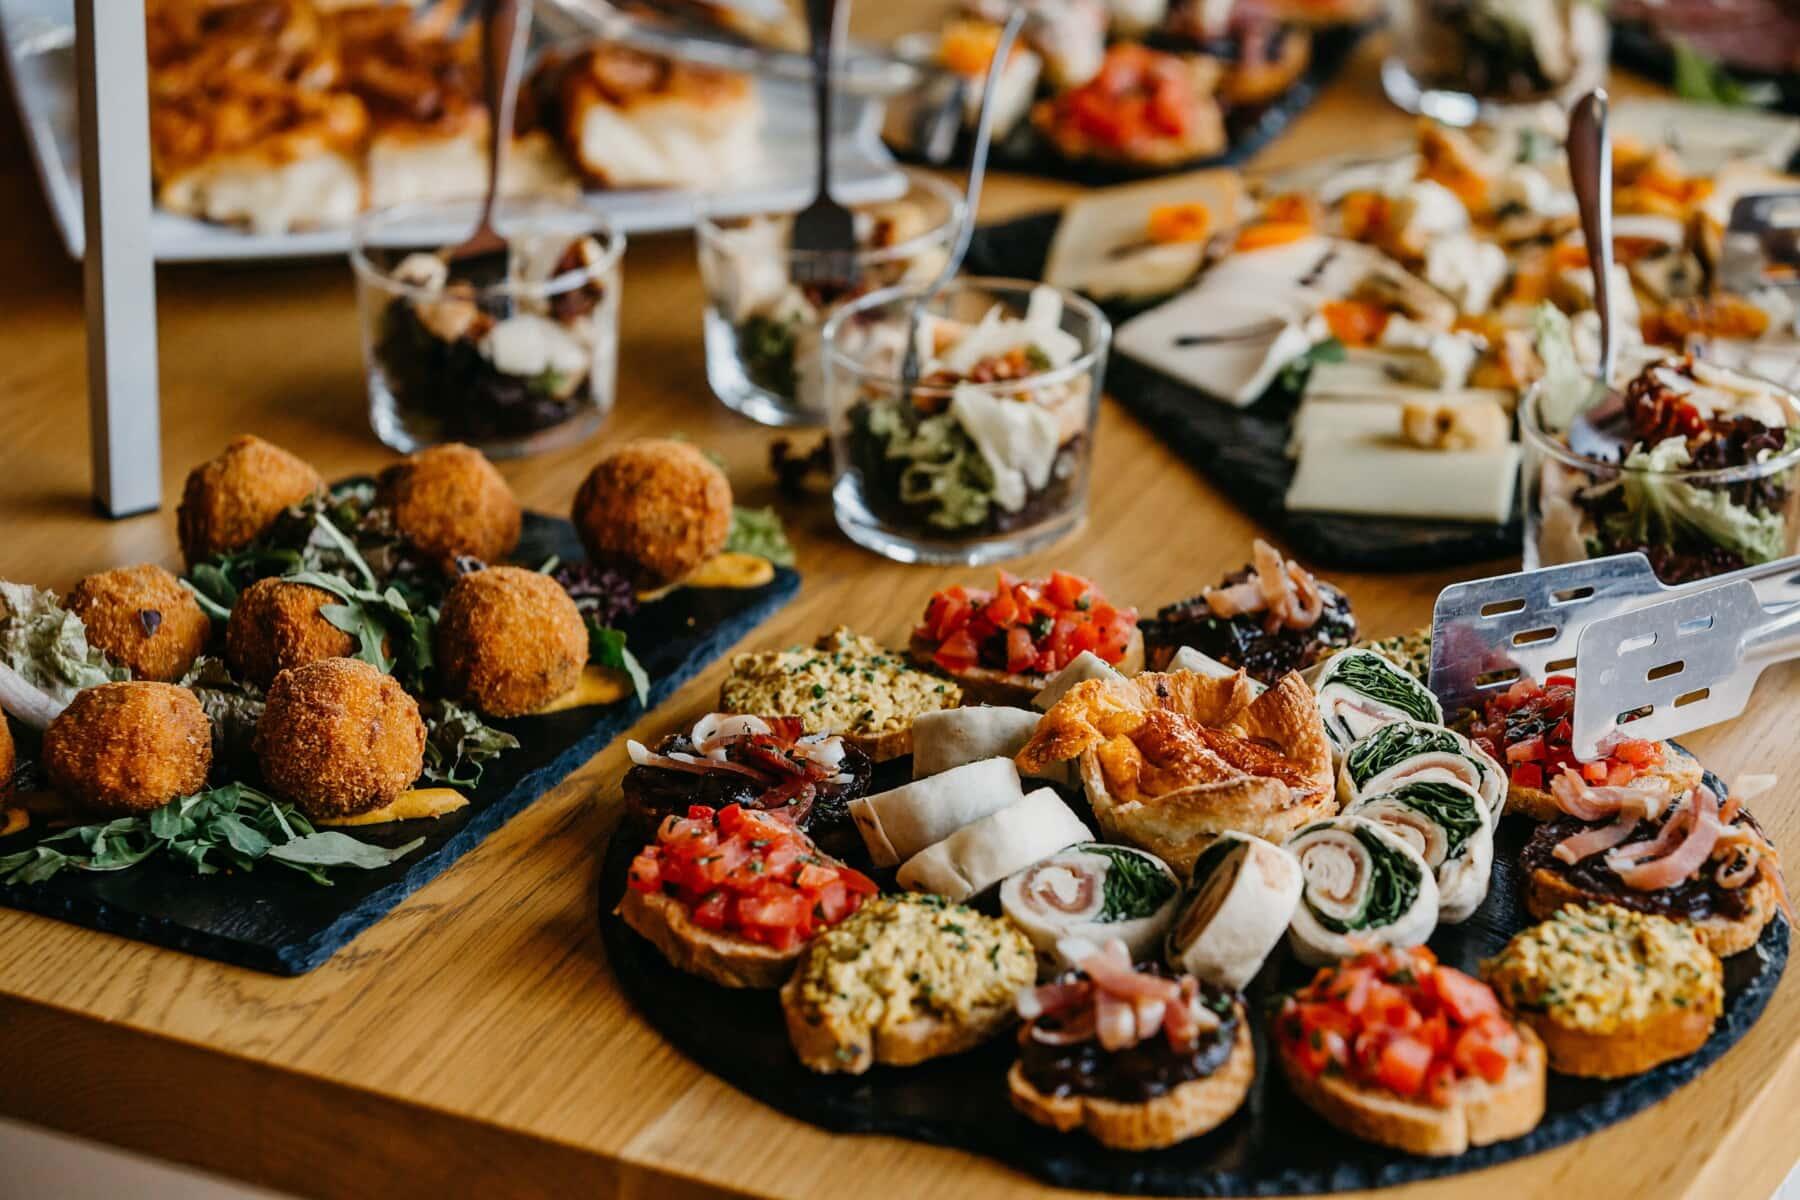 vom Buffet, Fast-food, Restaurant, Essen, Mittagessen, Platte, Mahlzeit, sehr lecker, Still-Leben, Gemüse